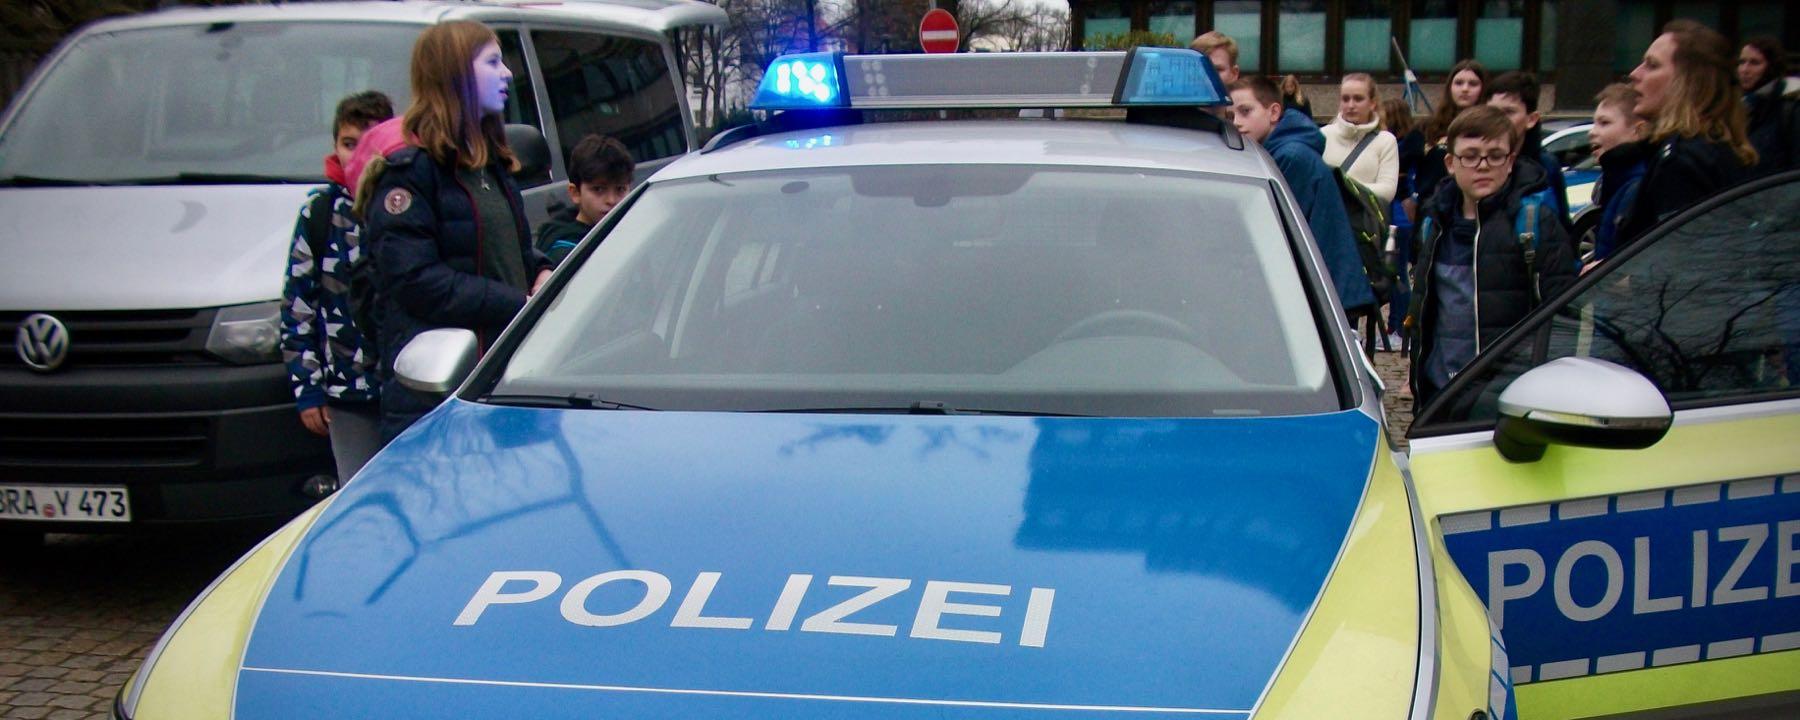 6D Auf Der Polizeiwache